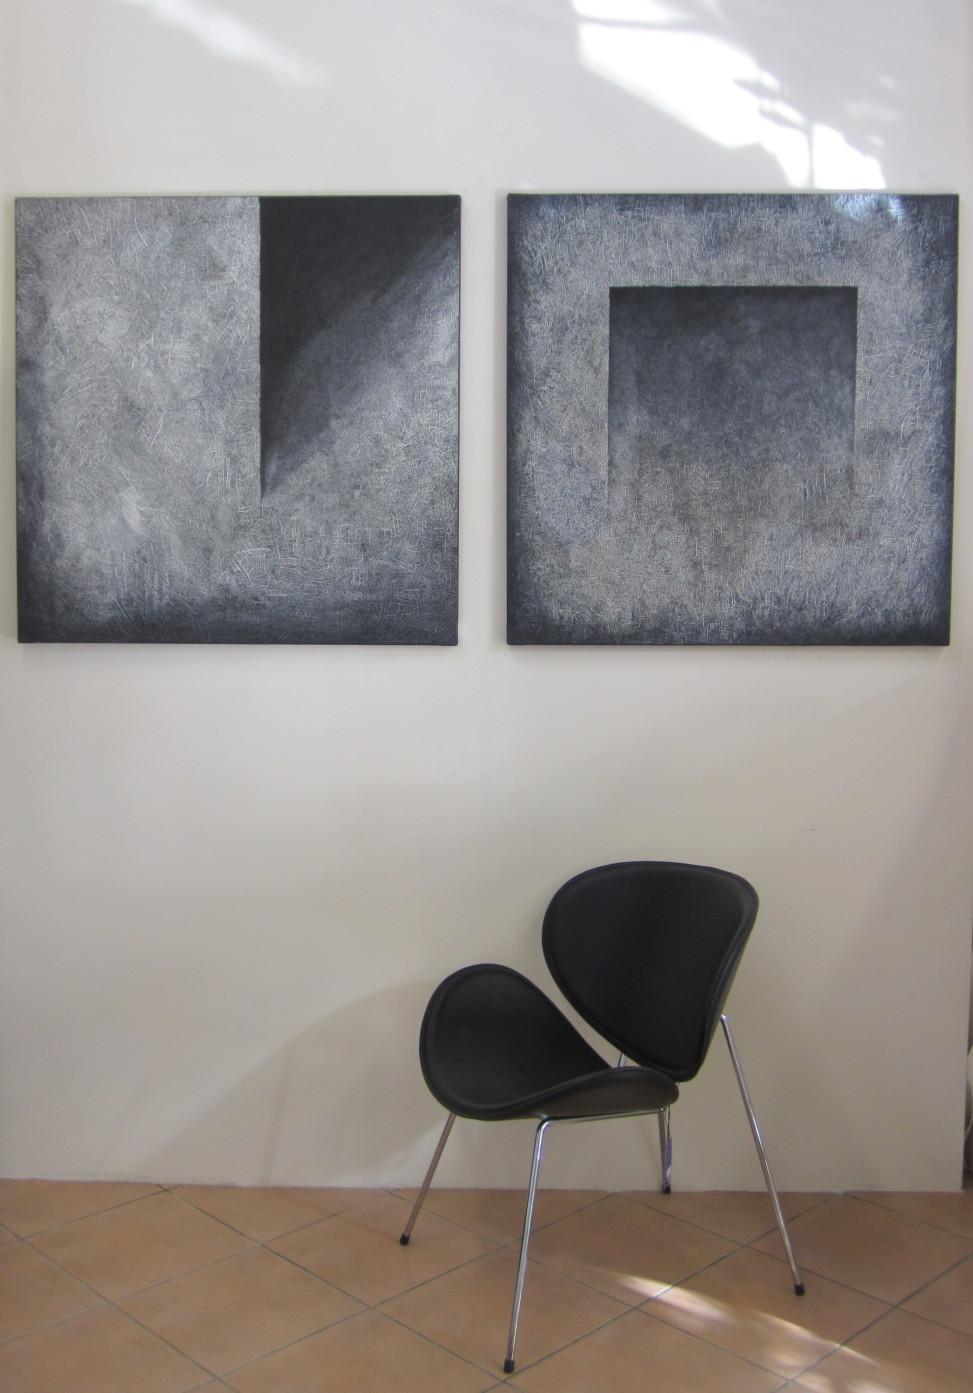 Ikona designu Pierre Paulin użyte w minimalistycznym wnętrzu, Stacja Dizajn, fot. Monika Muszyńska